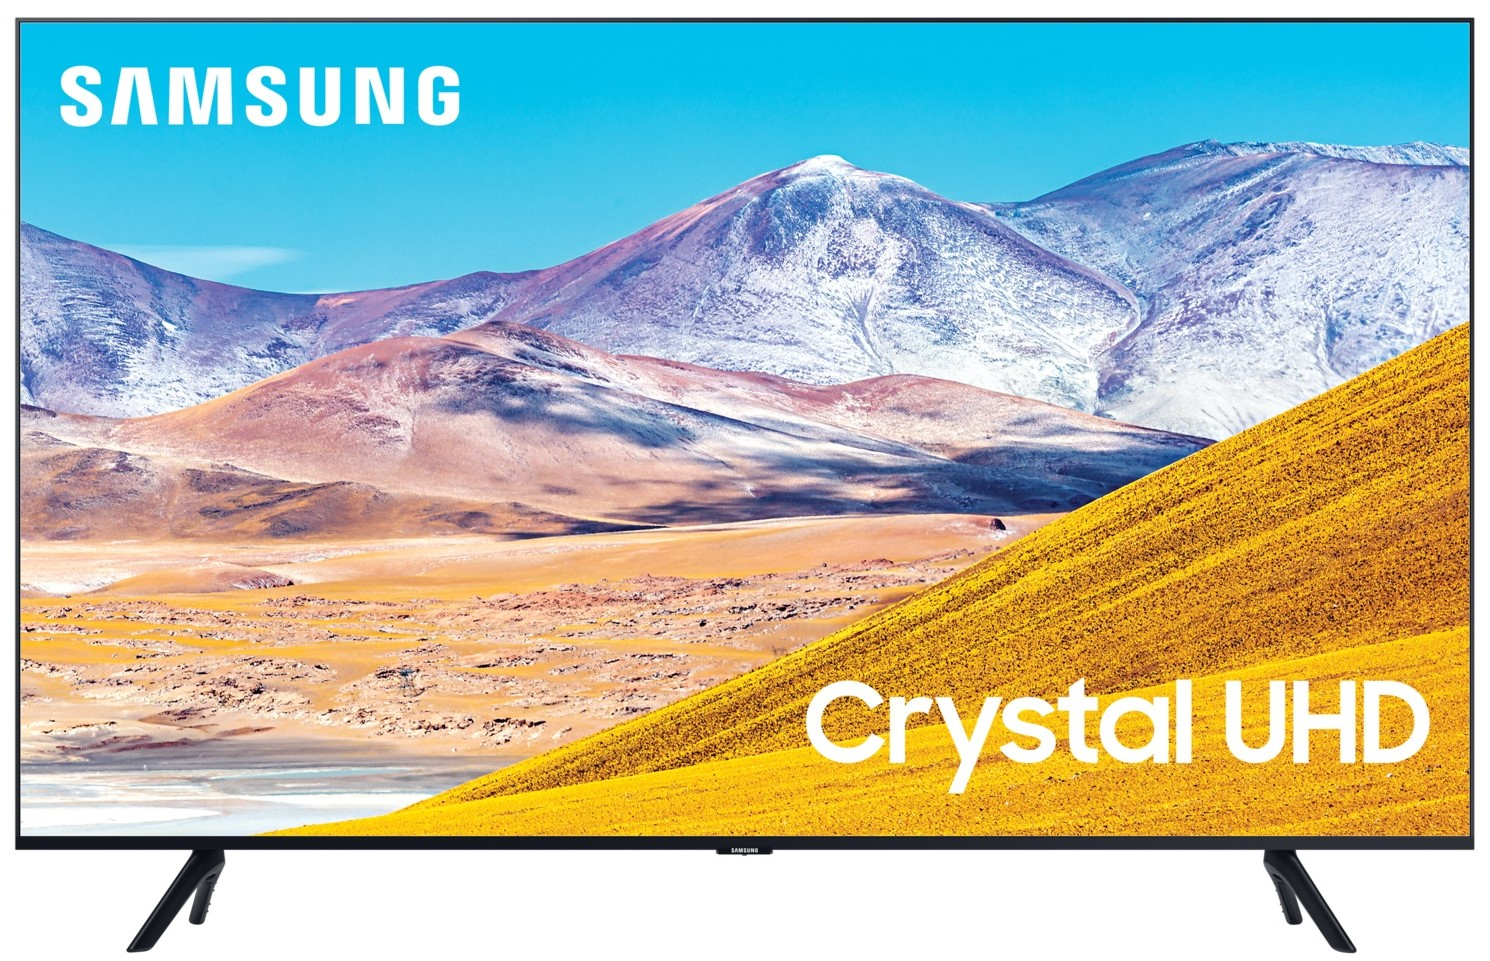 TV CRYSTAL UHD SAMSUNG UE55TU8005KXXC